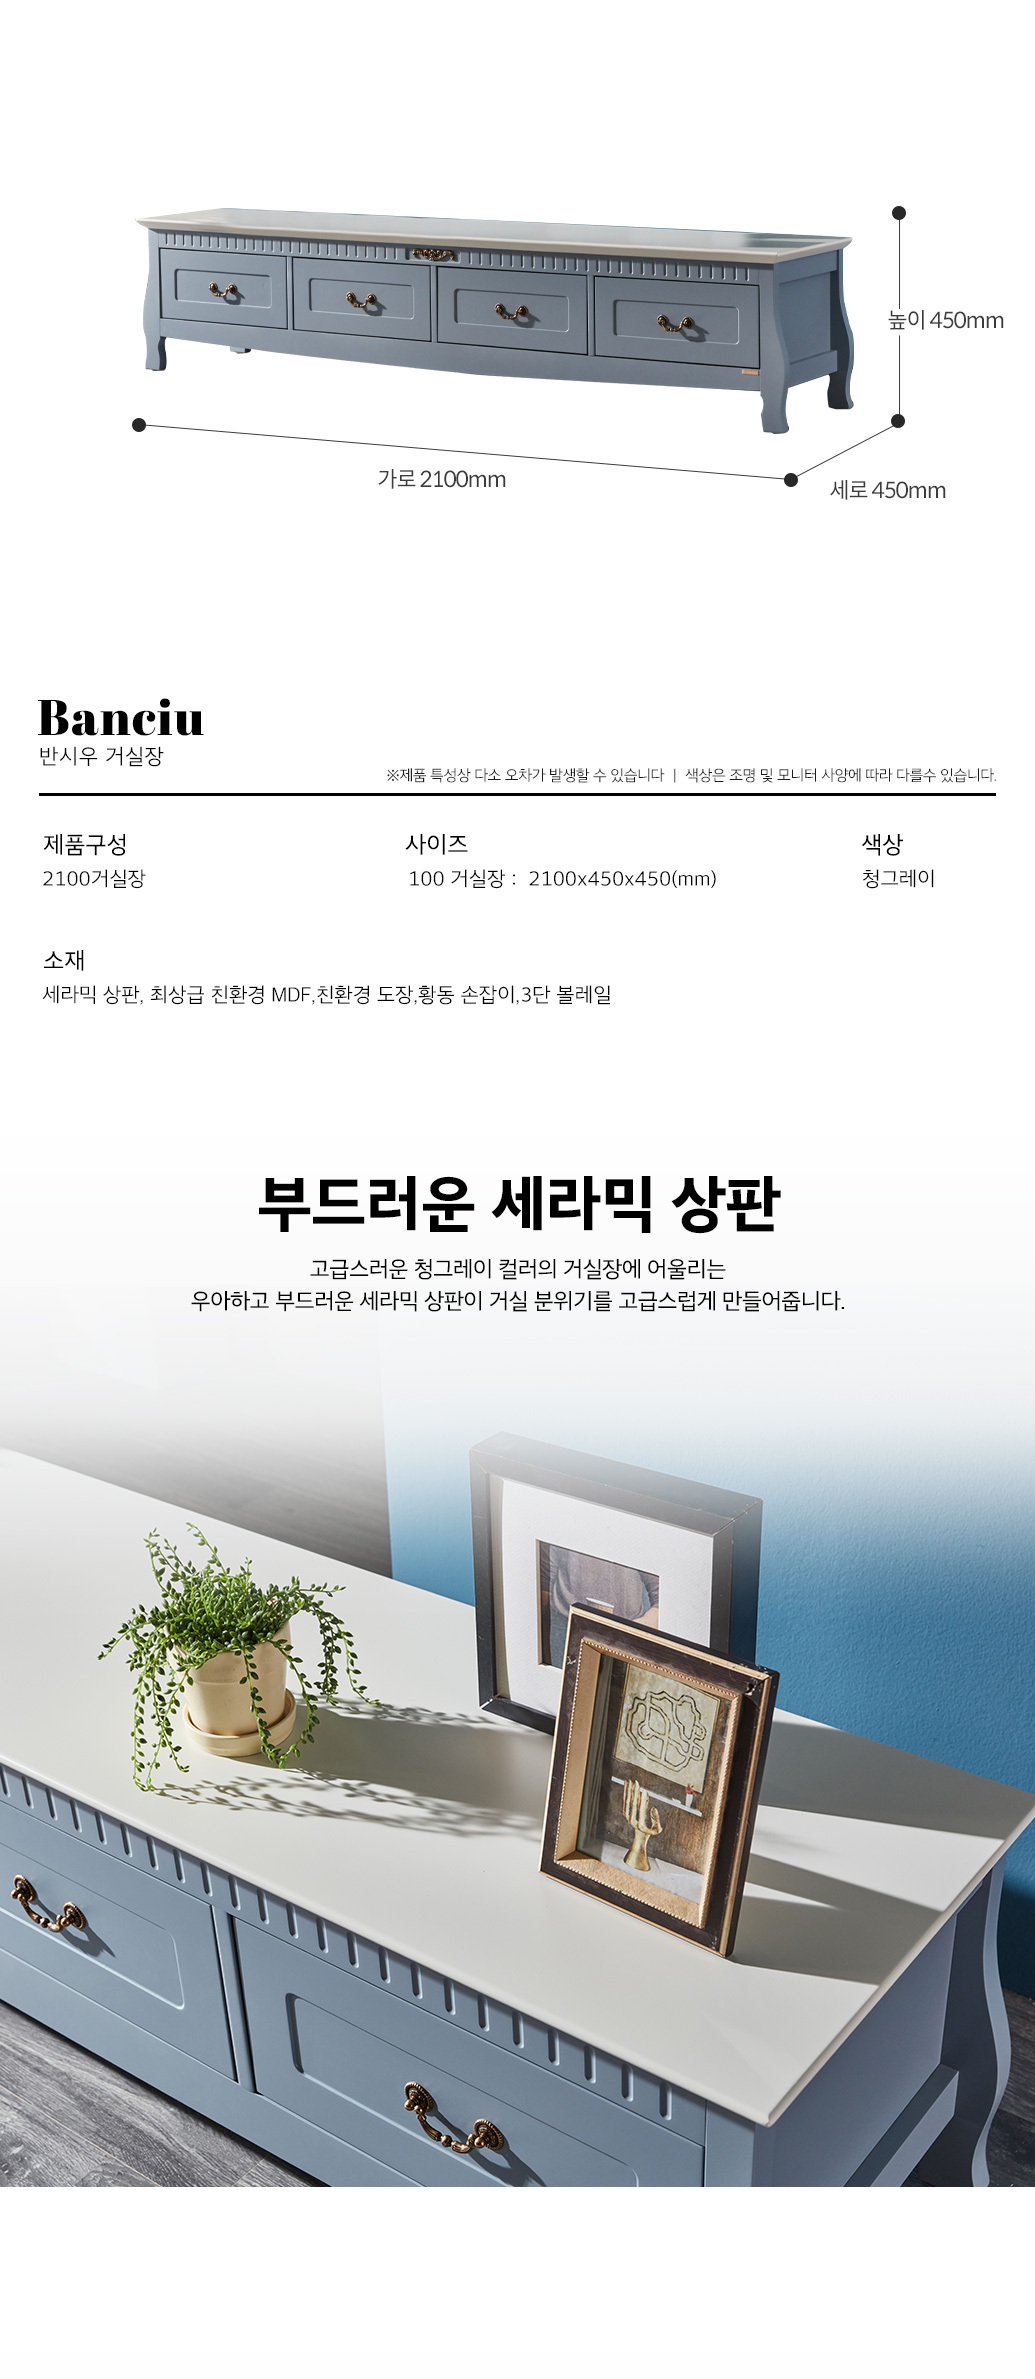 banciu2100_02.jpg